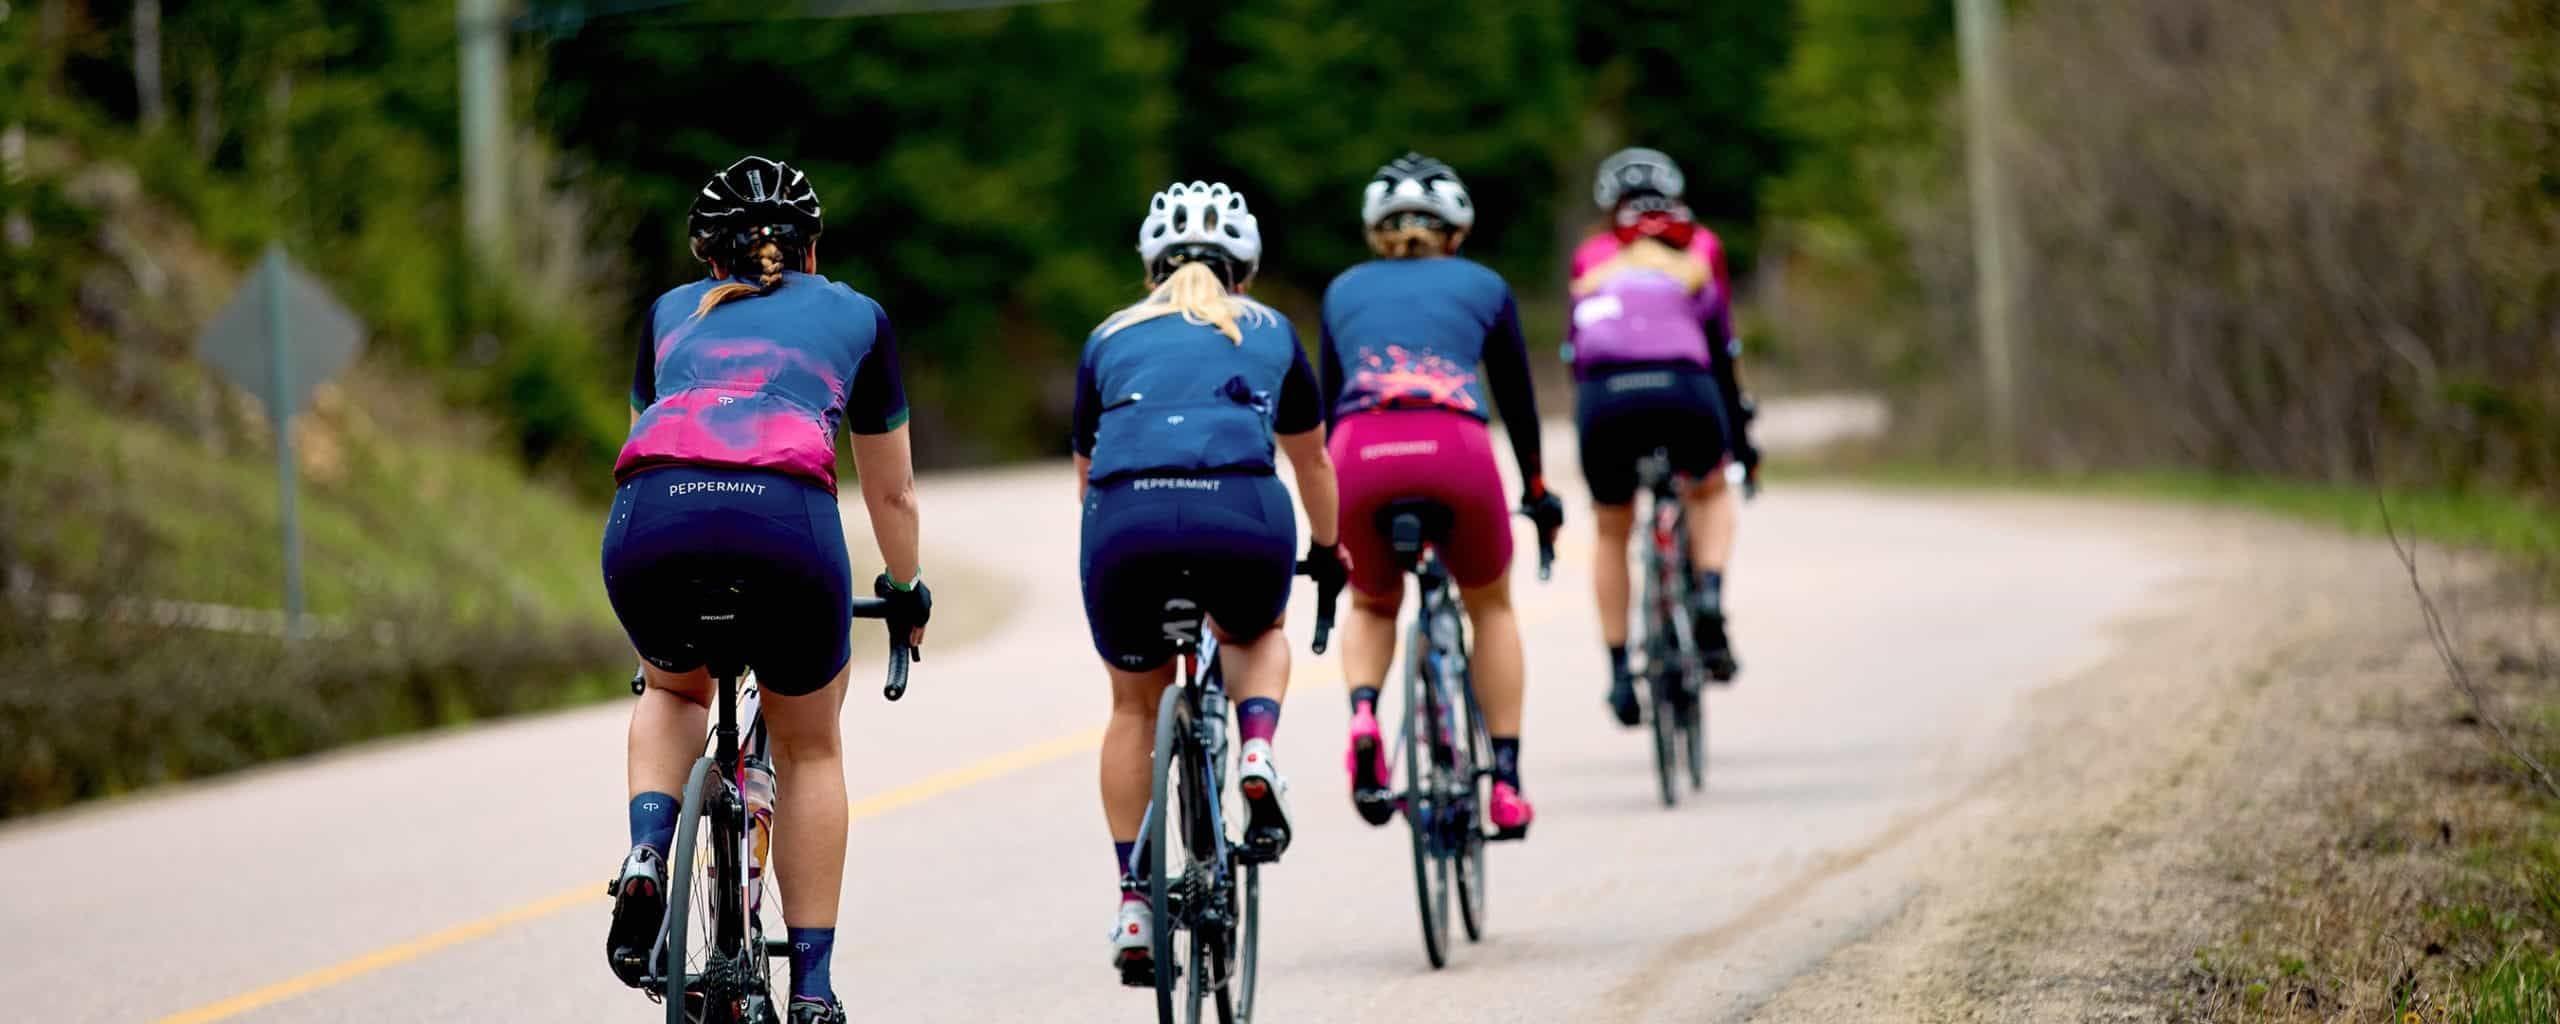 Rouler et nouer de nouvelles amitiés au PEPPERMINT Bikefest